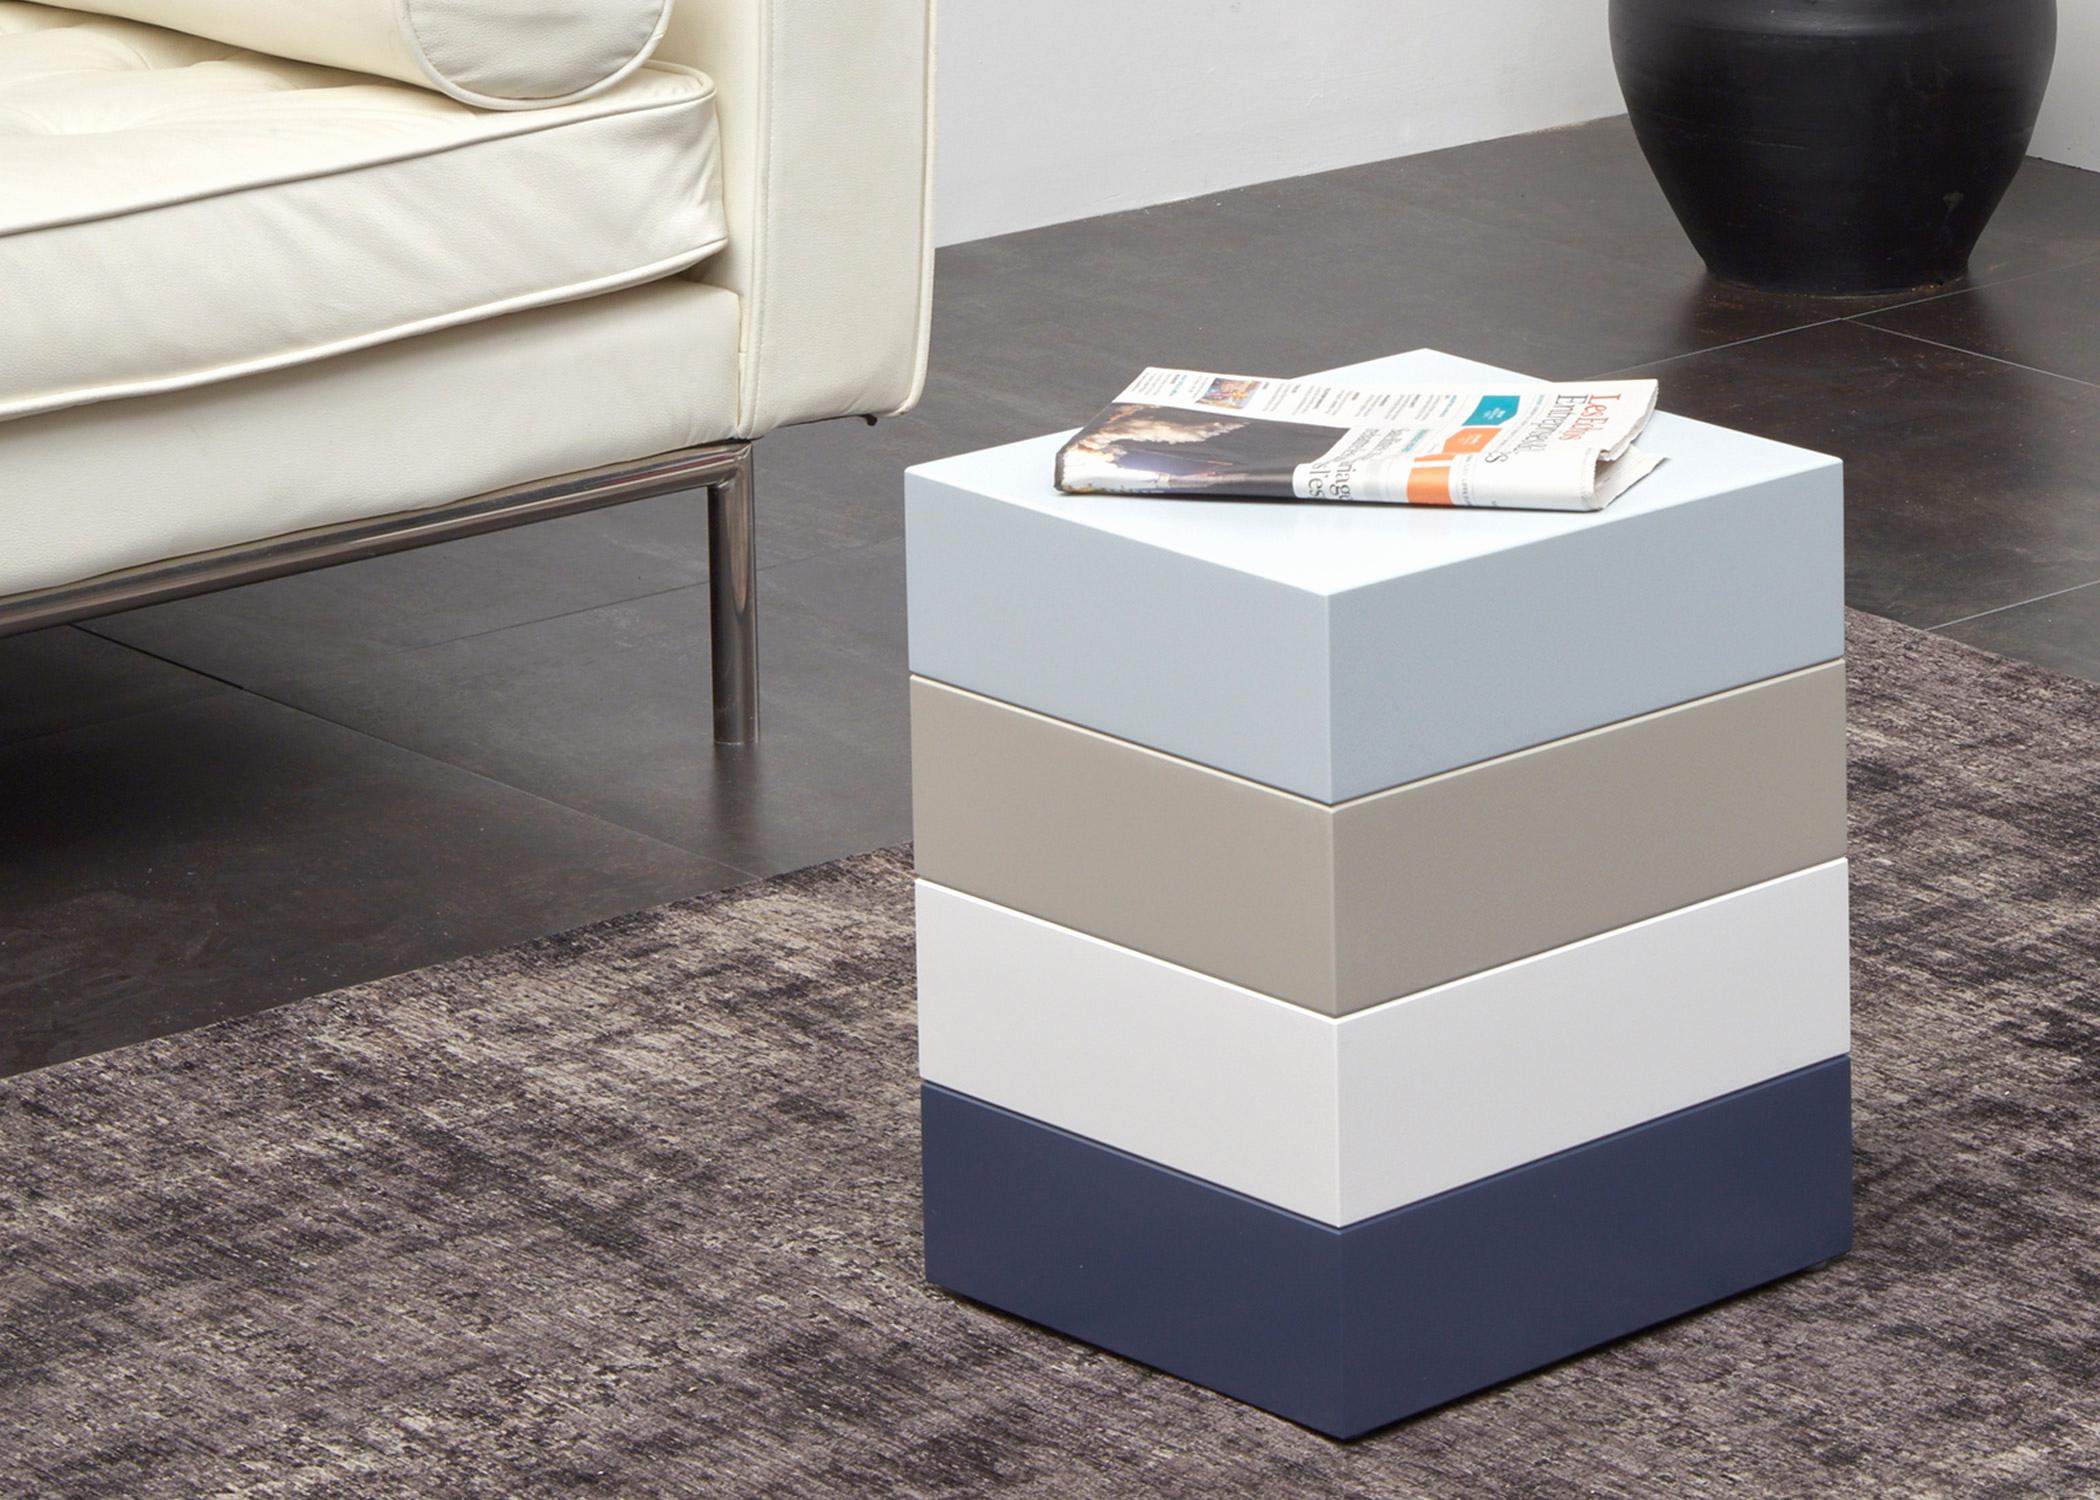 Table Basse Camif Nouveau Stock Table Basse Marbre Design Inspirant Vente Fond D atelier Mobilier